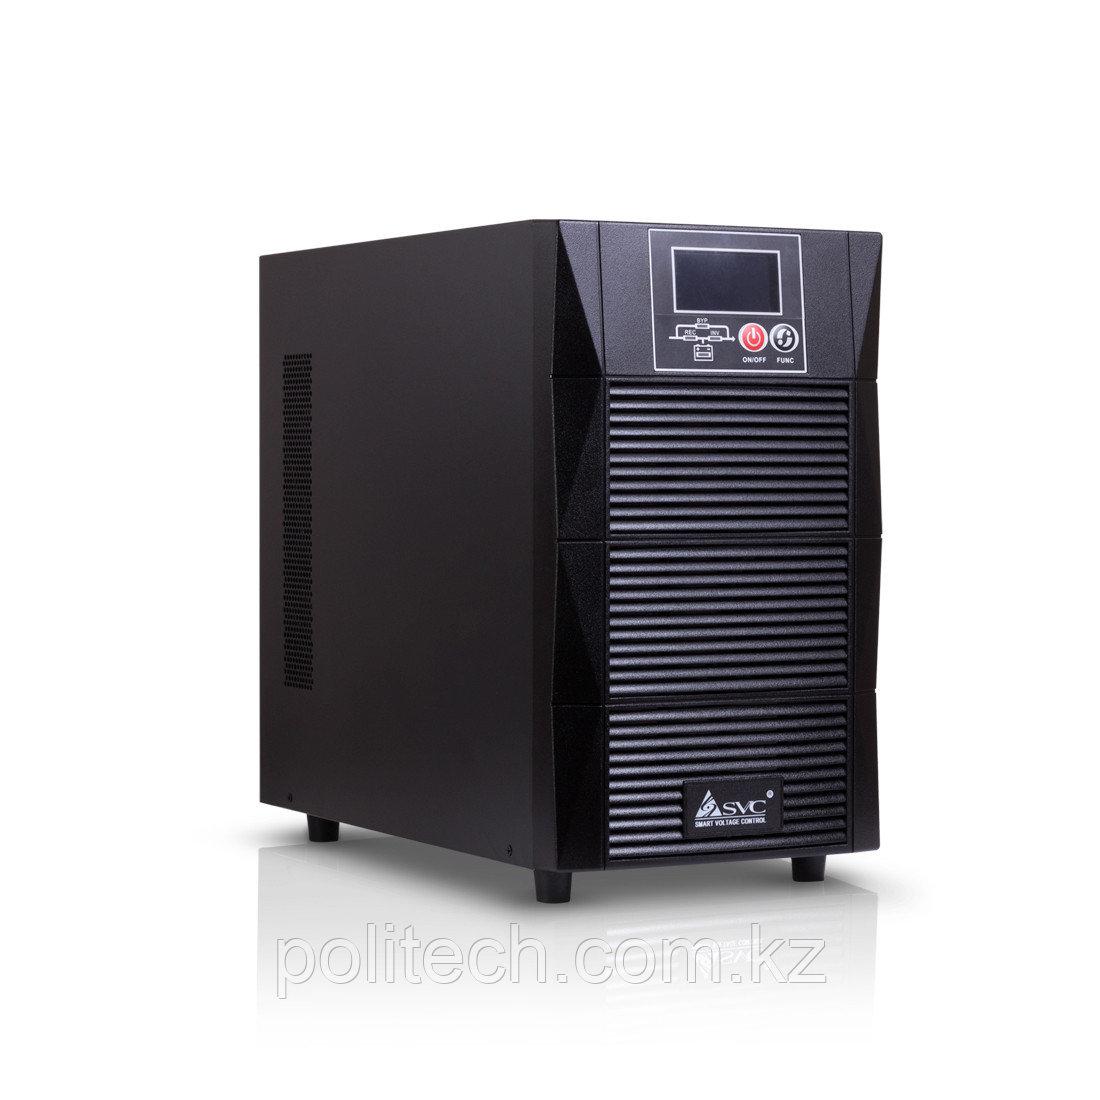 Источник бесперебойного питания SVC PTX-2KL-LCD